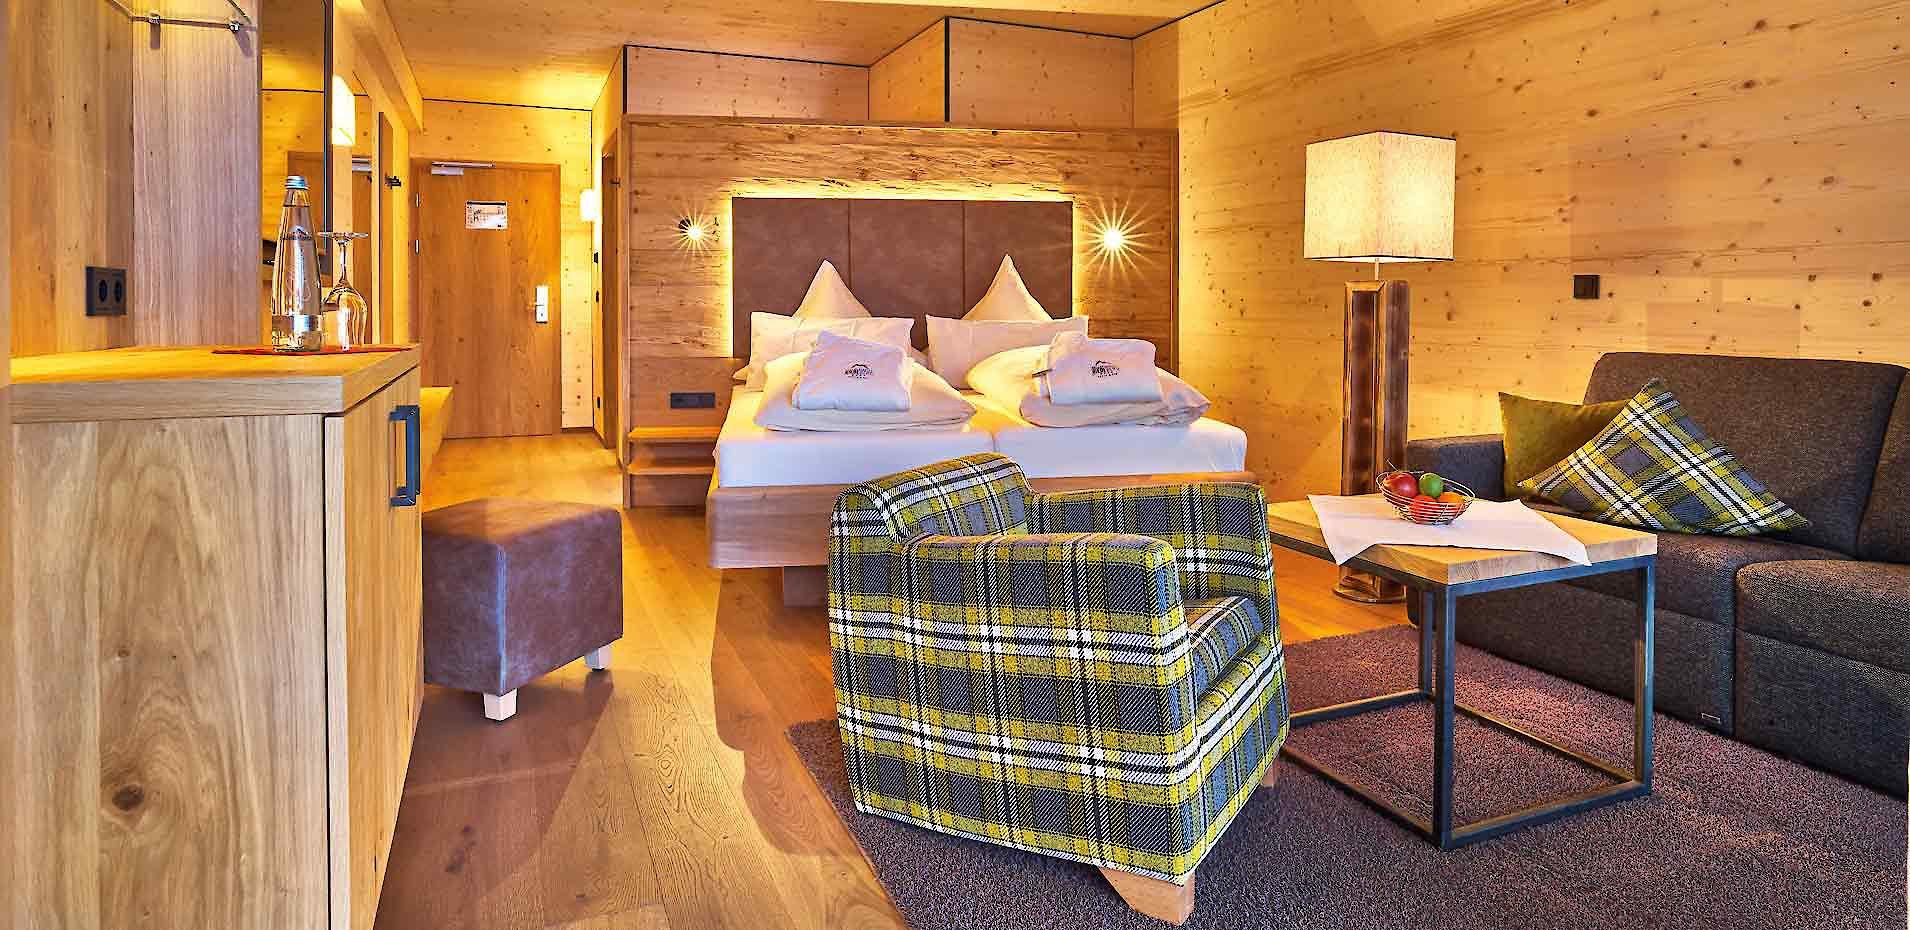 Gemütliche Zimmer Und Suiten Im 4 Sterne Hotel Riedlberg. Das Holzhotel In  Bayern